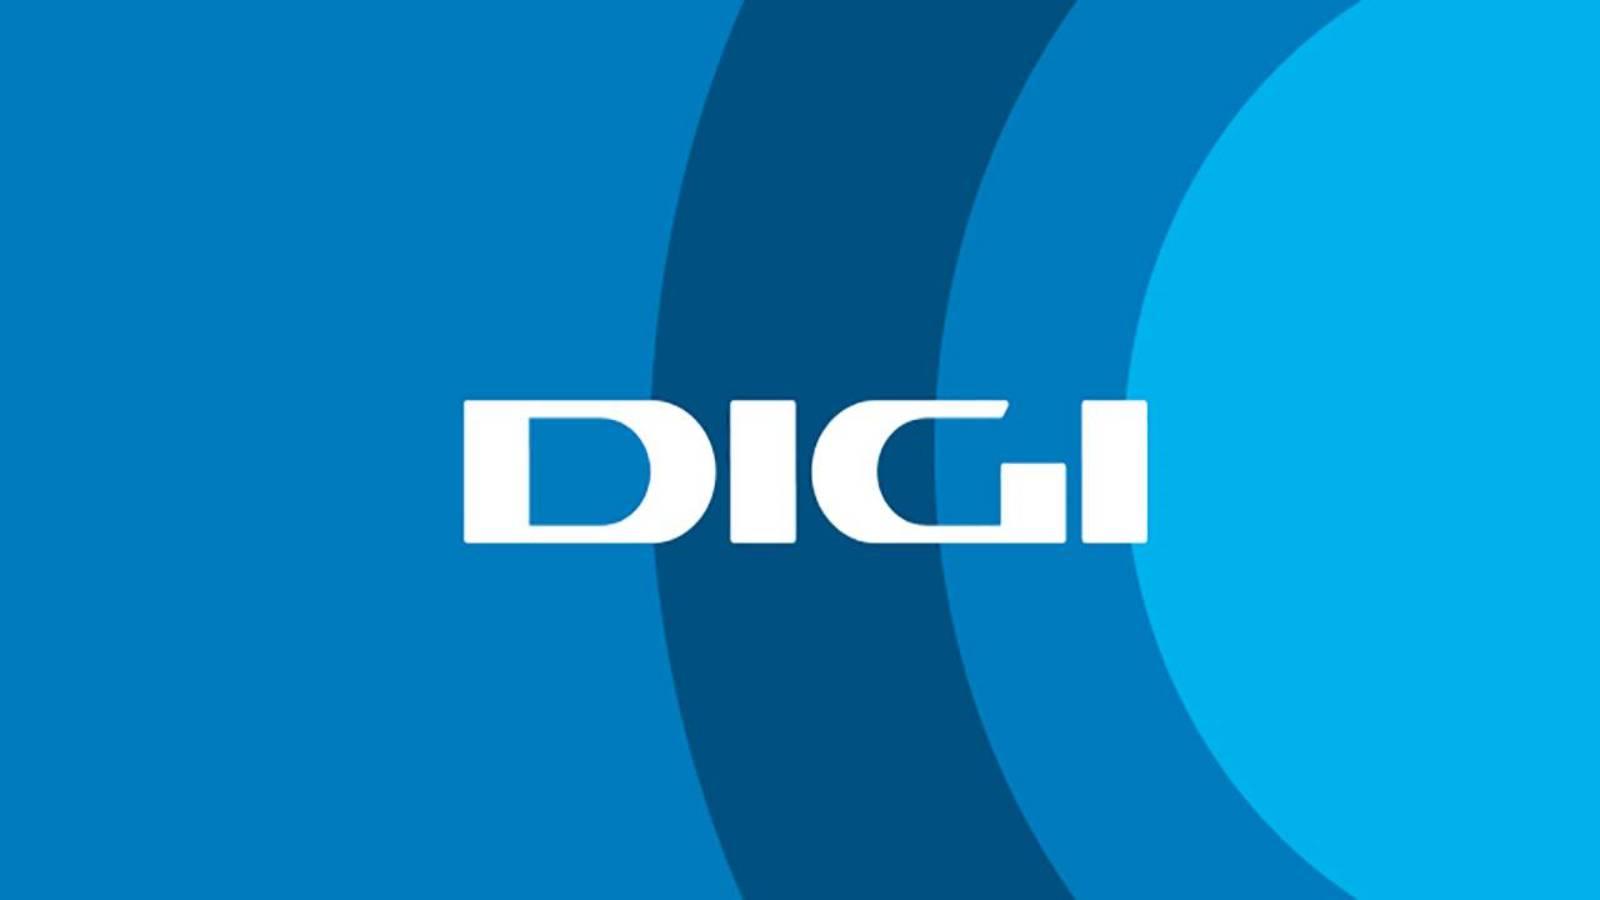 DIGI Romania online